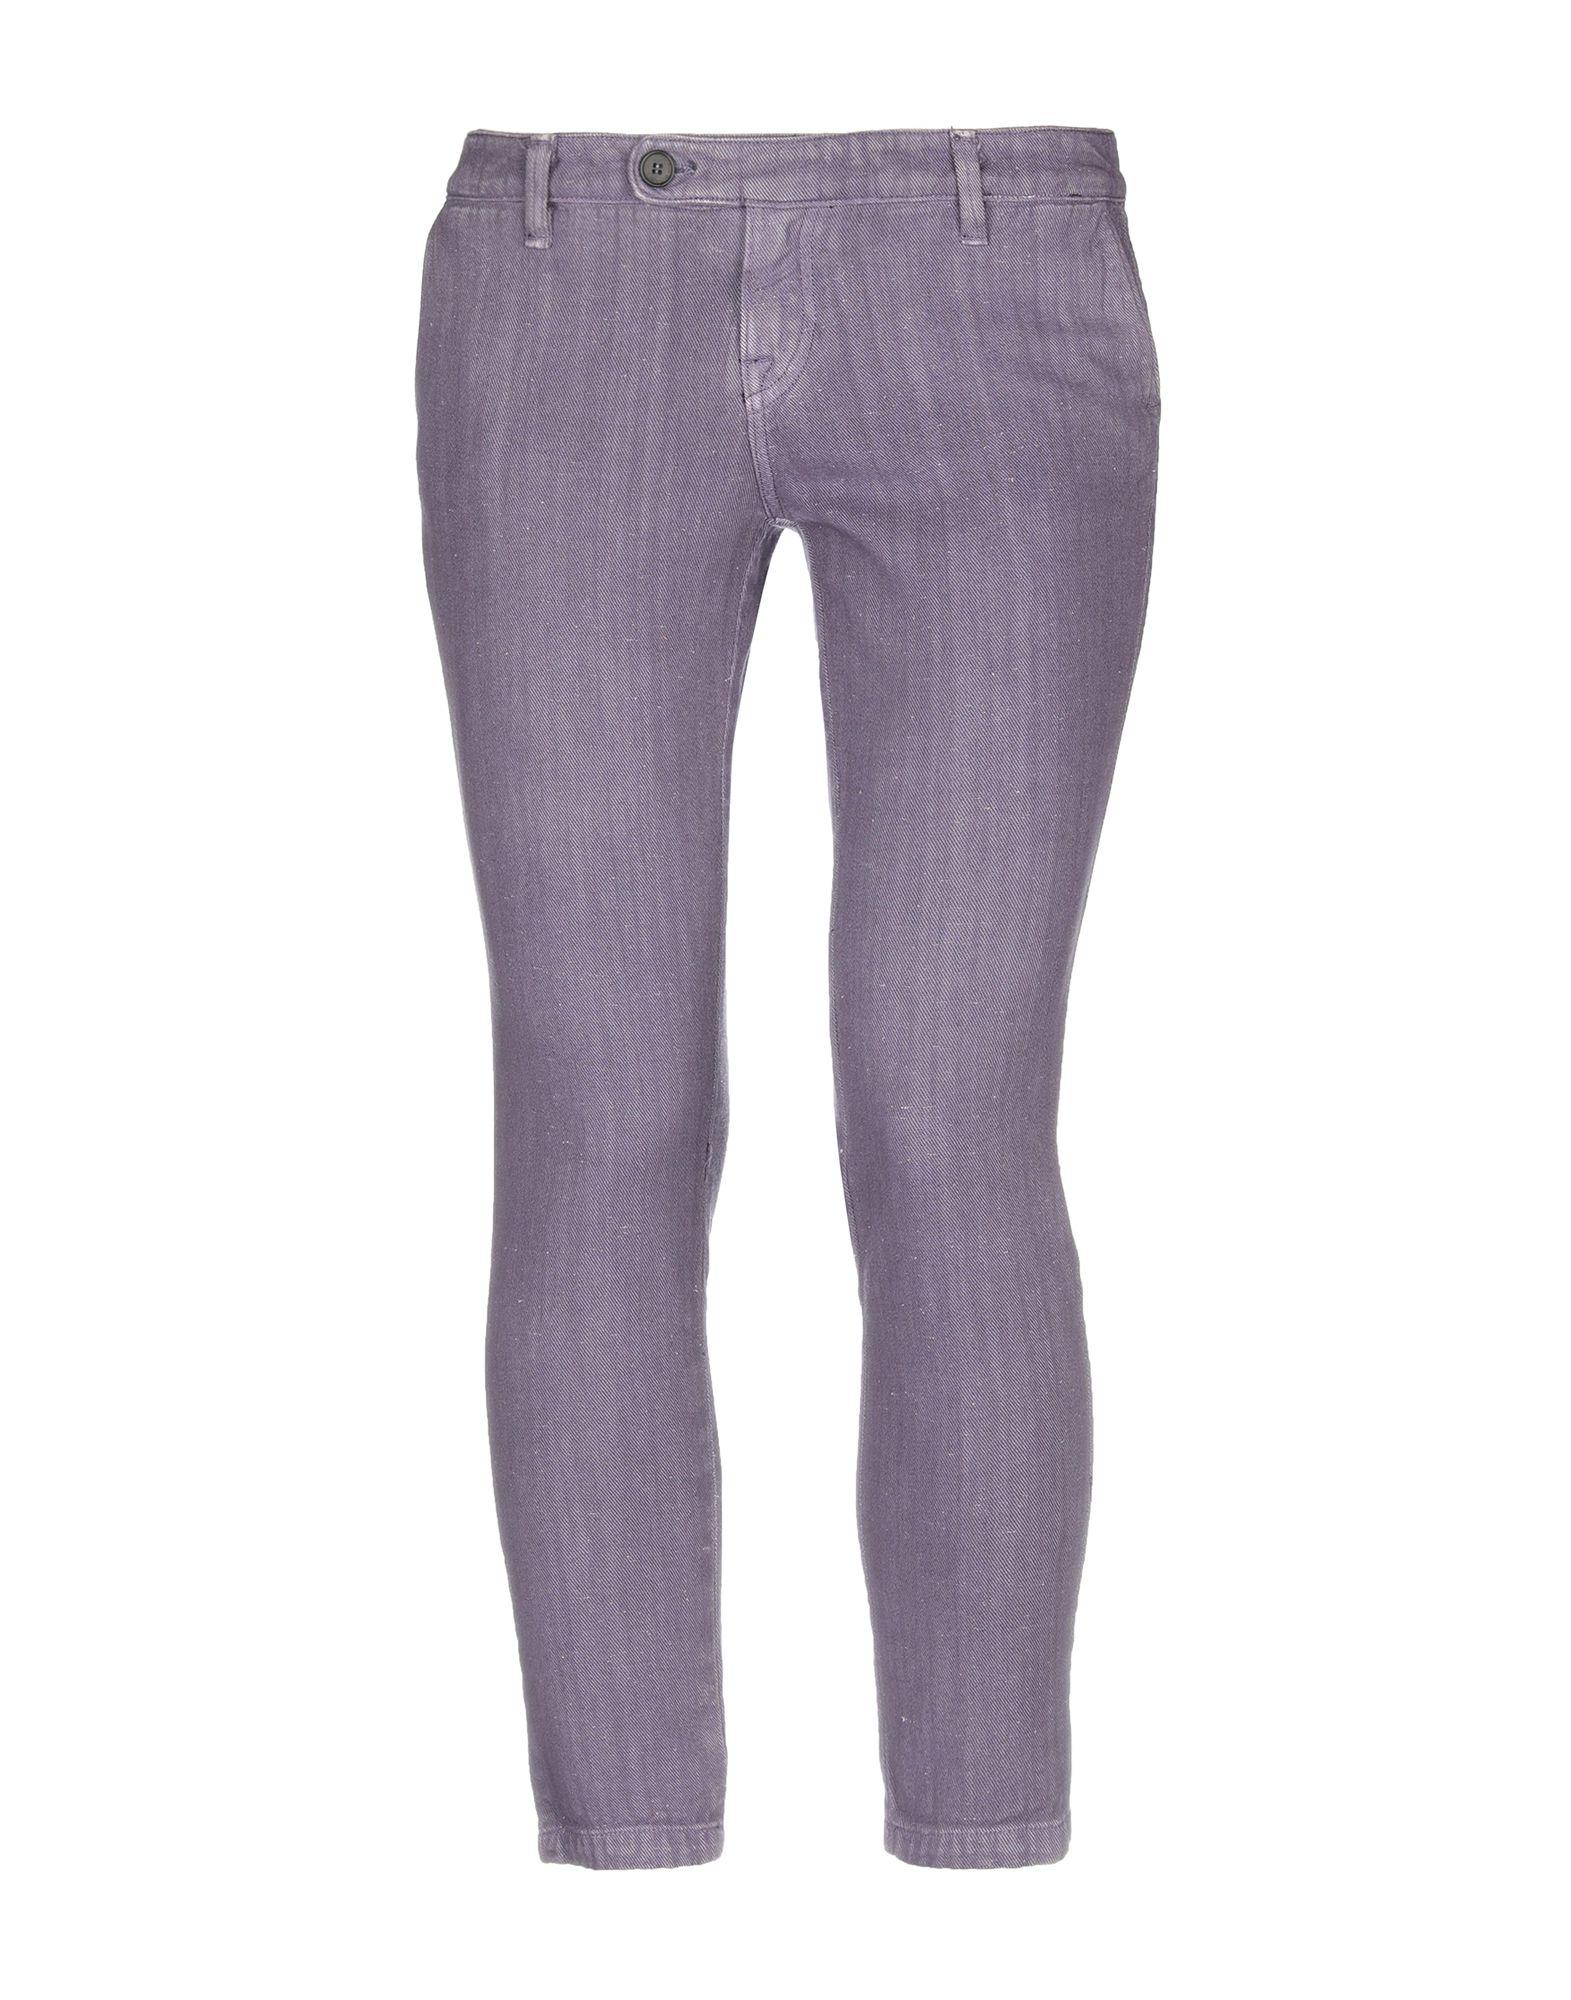 купить TROU AUX BICHES Повседневные брюки по цене 1500 рублей